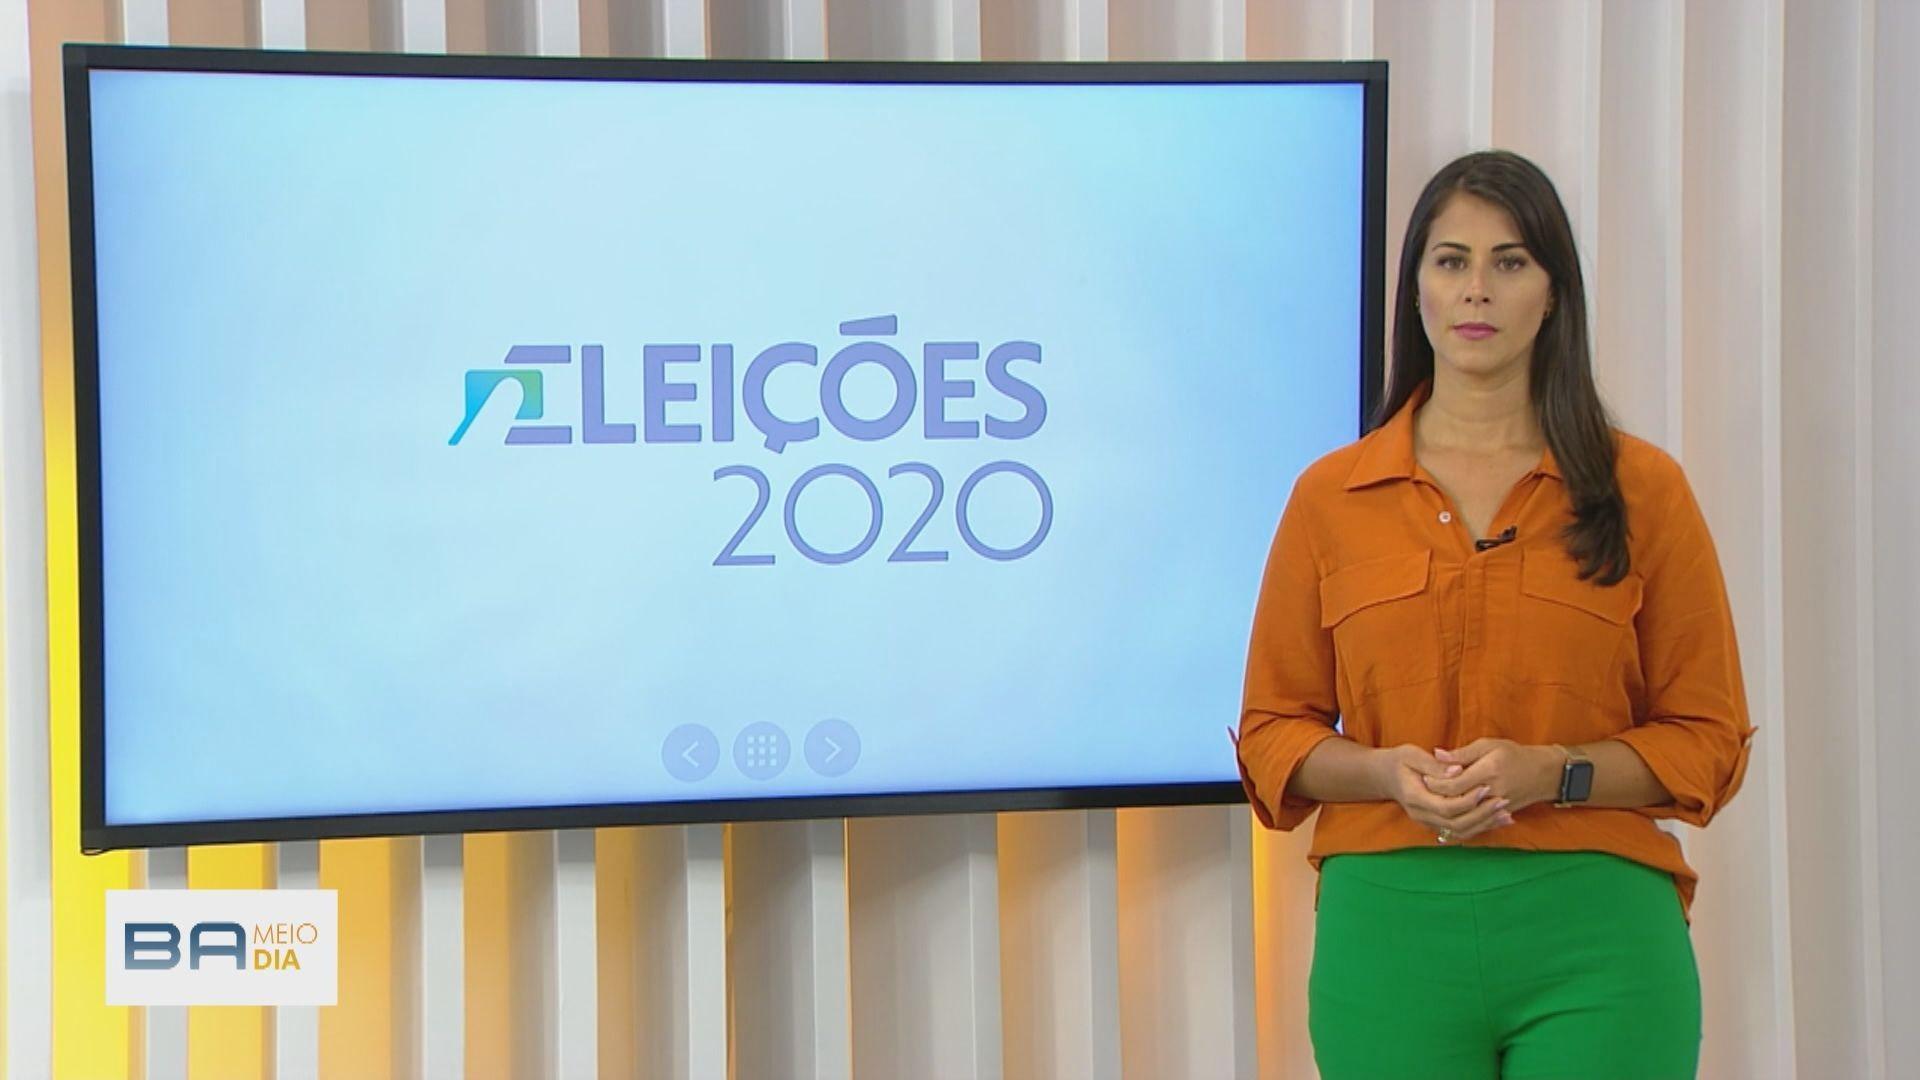 VÍDEOS: Veja as respostas dos candidatos e candidatas à Prefeitura de Juazeiro sobre temas relevantes para a cidade